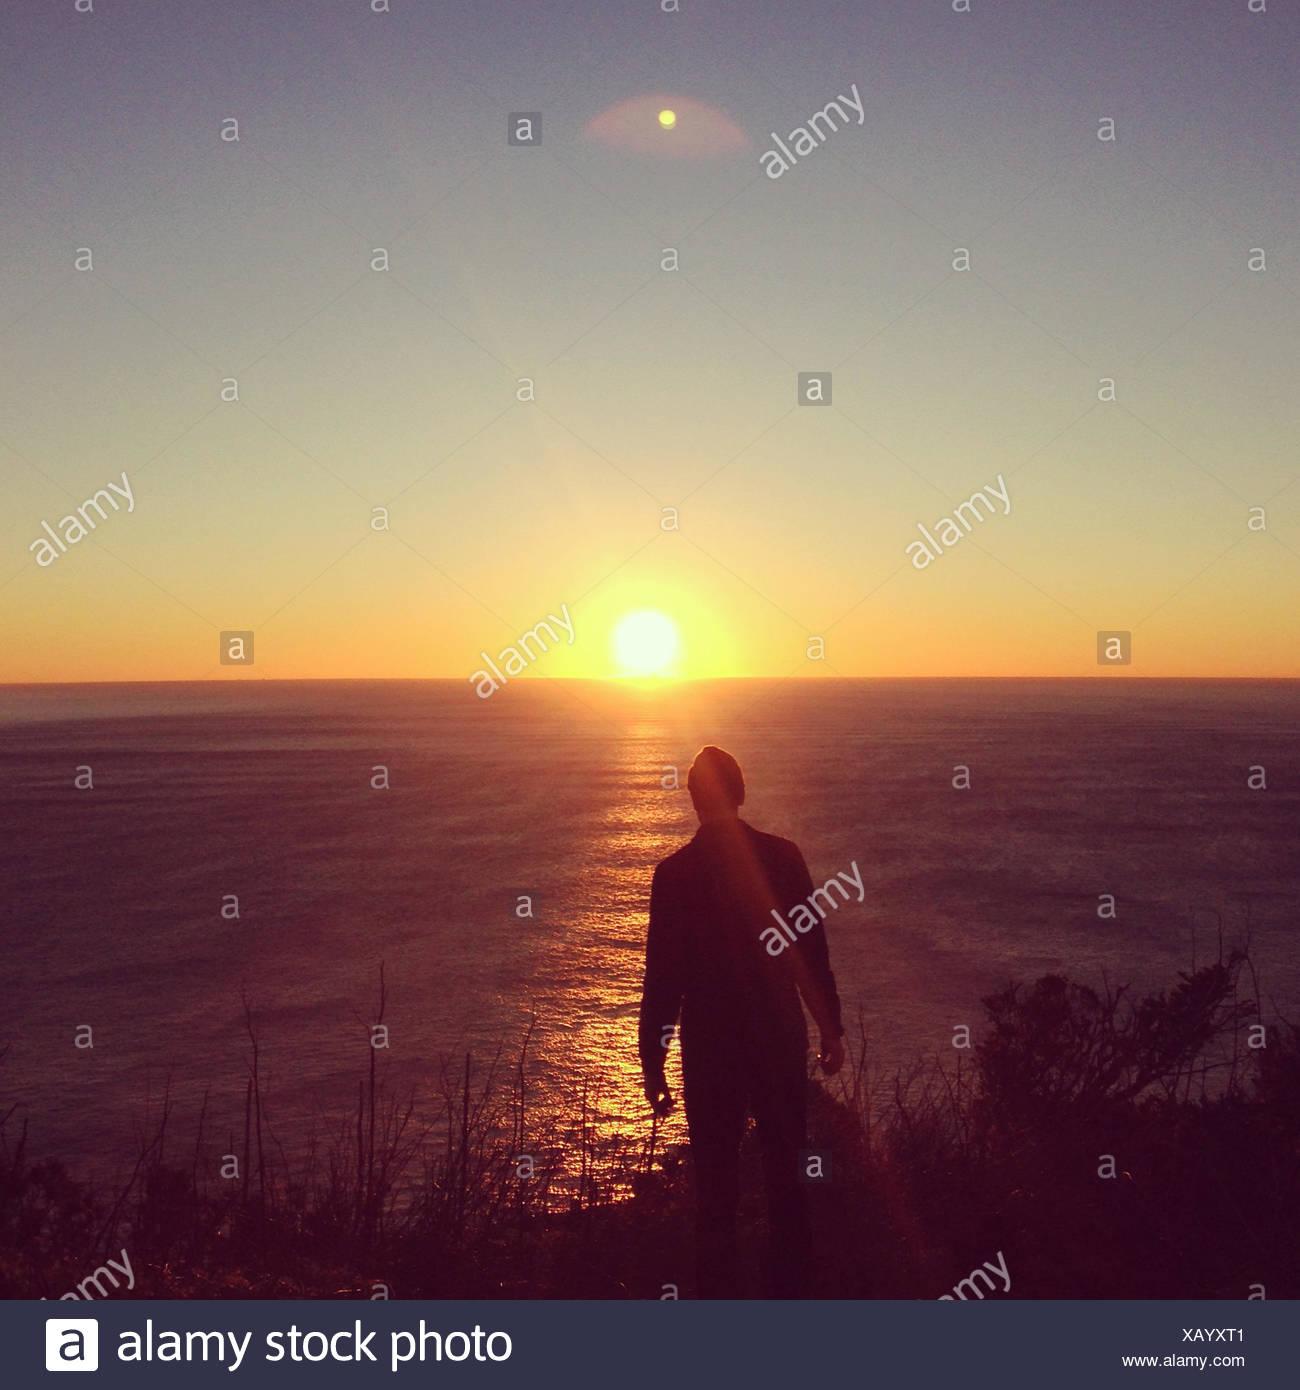 Uomo che guarda un tramonto, Muir Beach, California, America, STATI UNITI D'AMERICA Immagini Stock